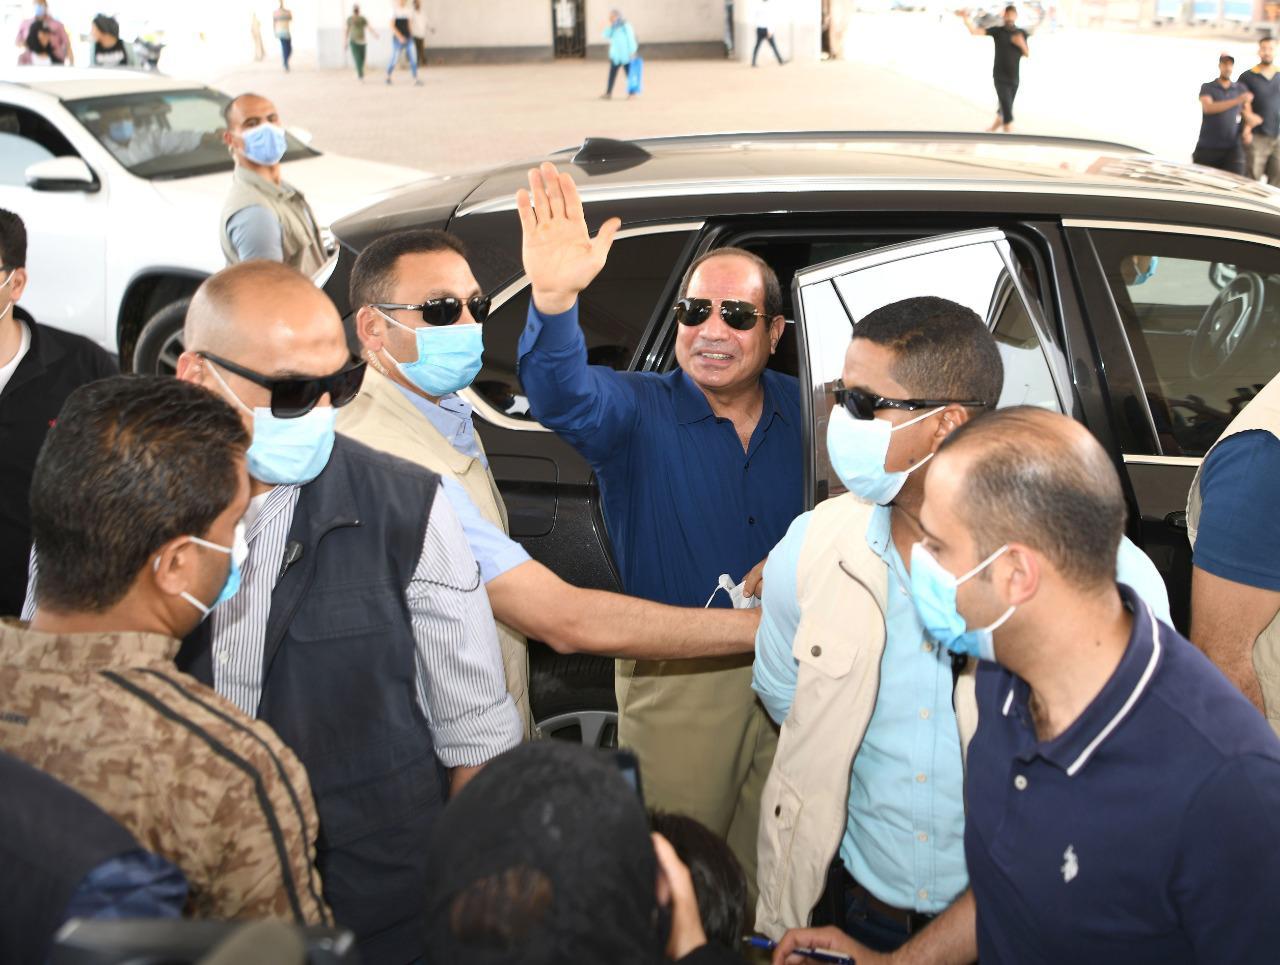 الرئيس السيسى يتحدث مع مواطنين ويستعلم عن أحوالهم بجولته فى شرق القاهرة (5)